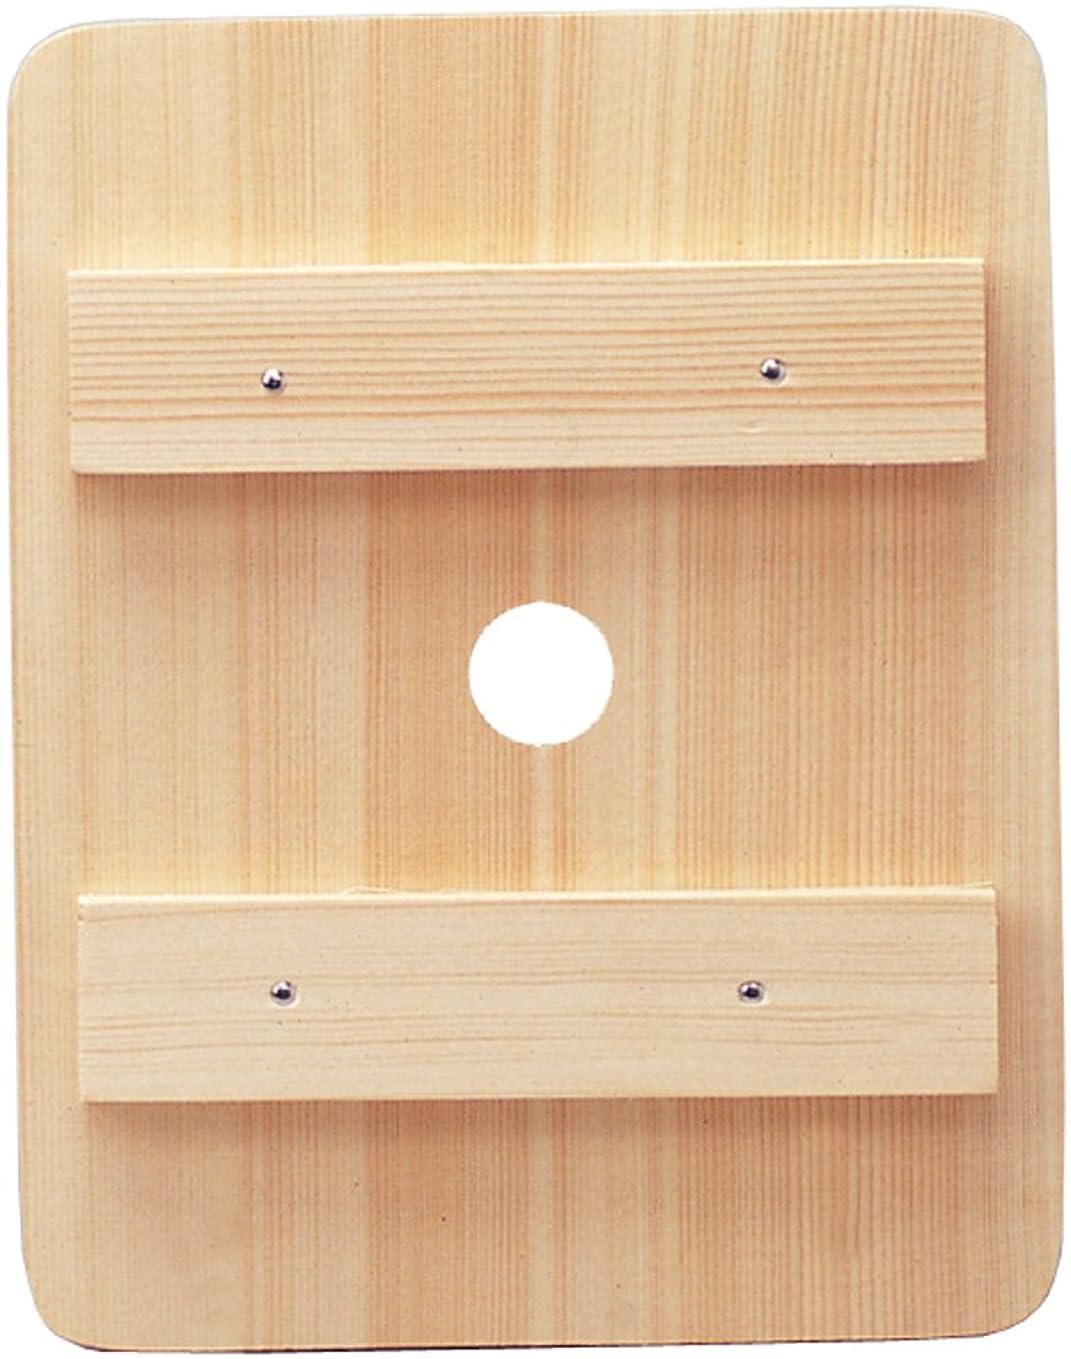 長いです不快必要条件高木金属 押し蓋 漬物用 木製 角型 M用 OB-KM